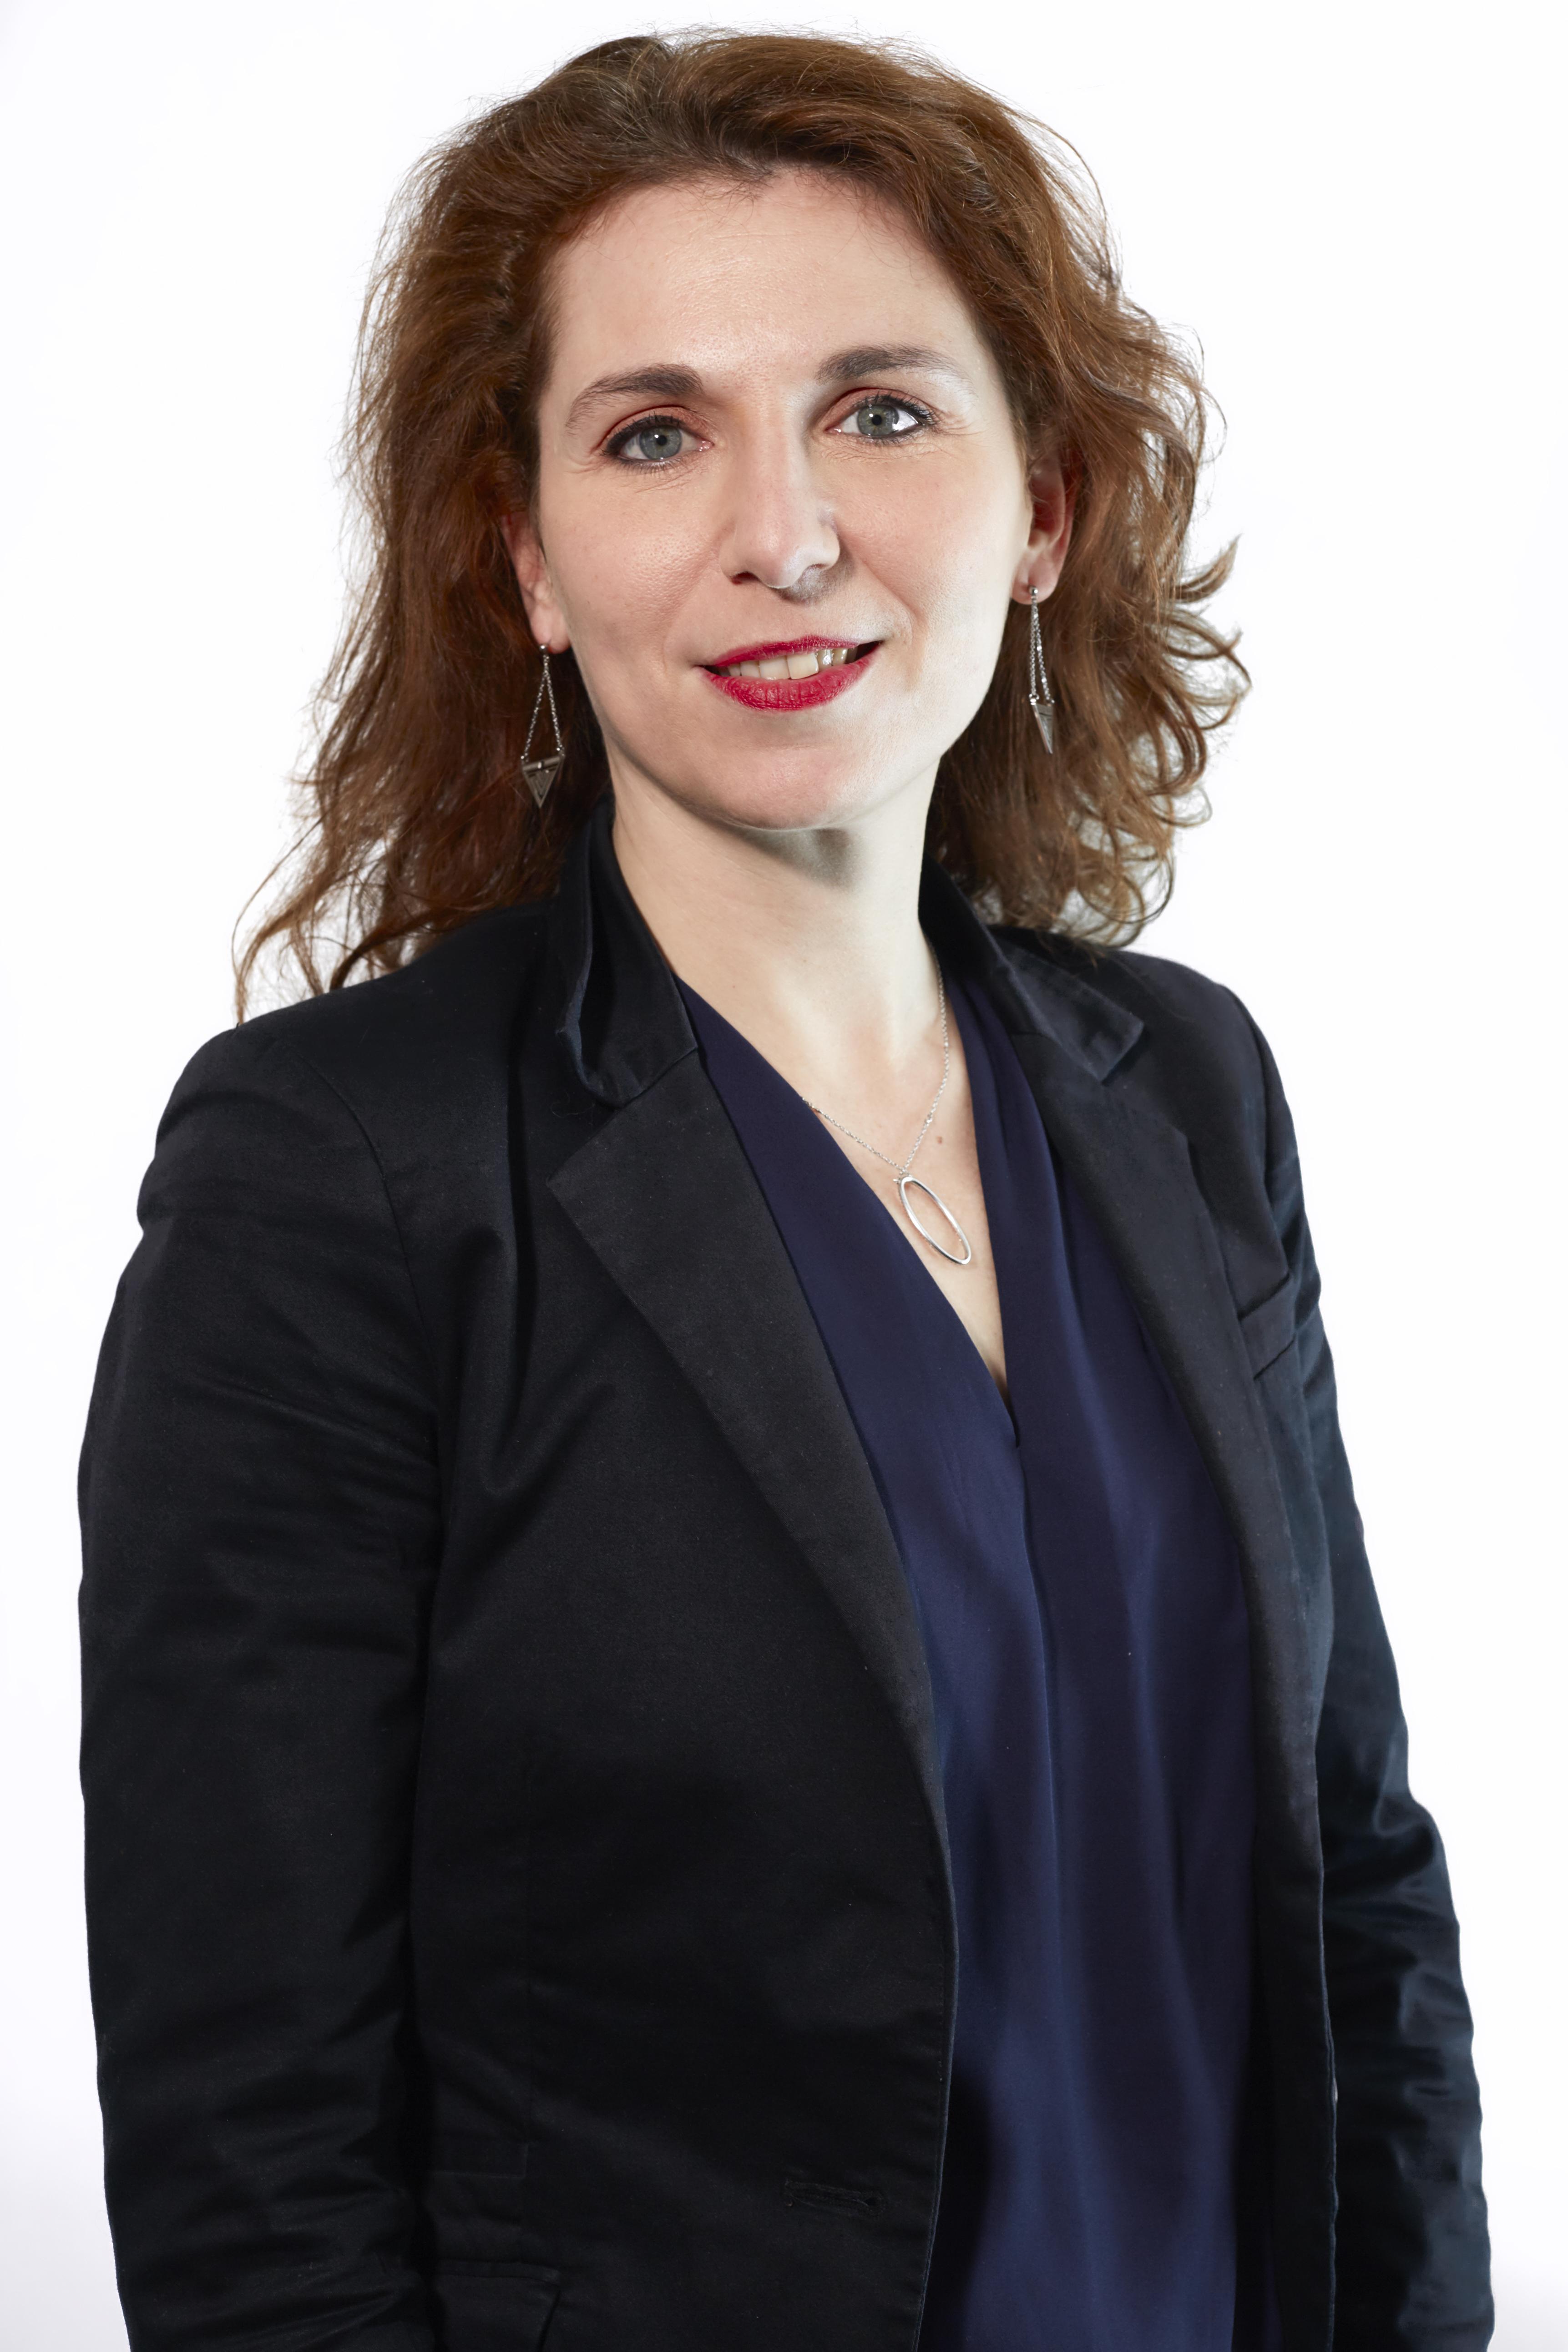 Myriam Faivre